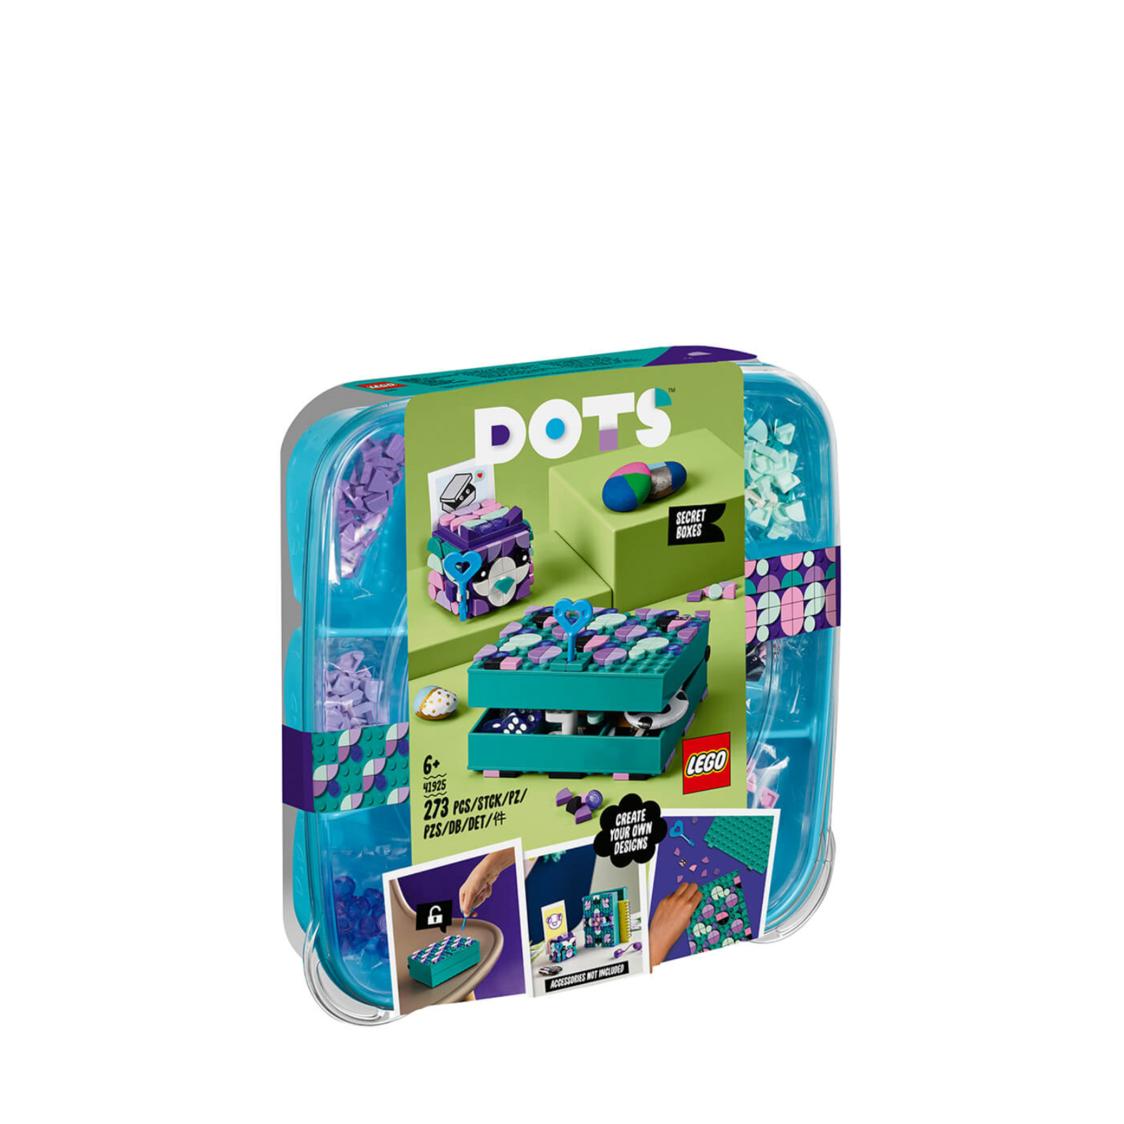 LEGO DOTS - Secret Boxes 41925